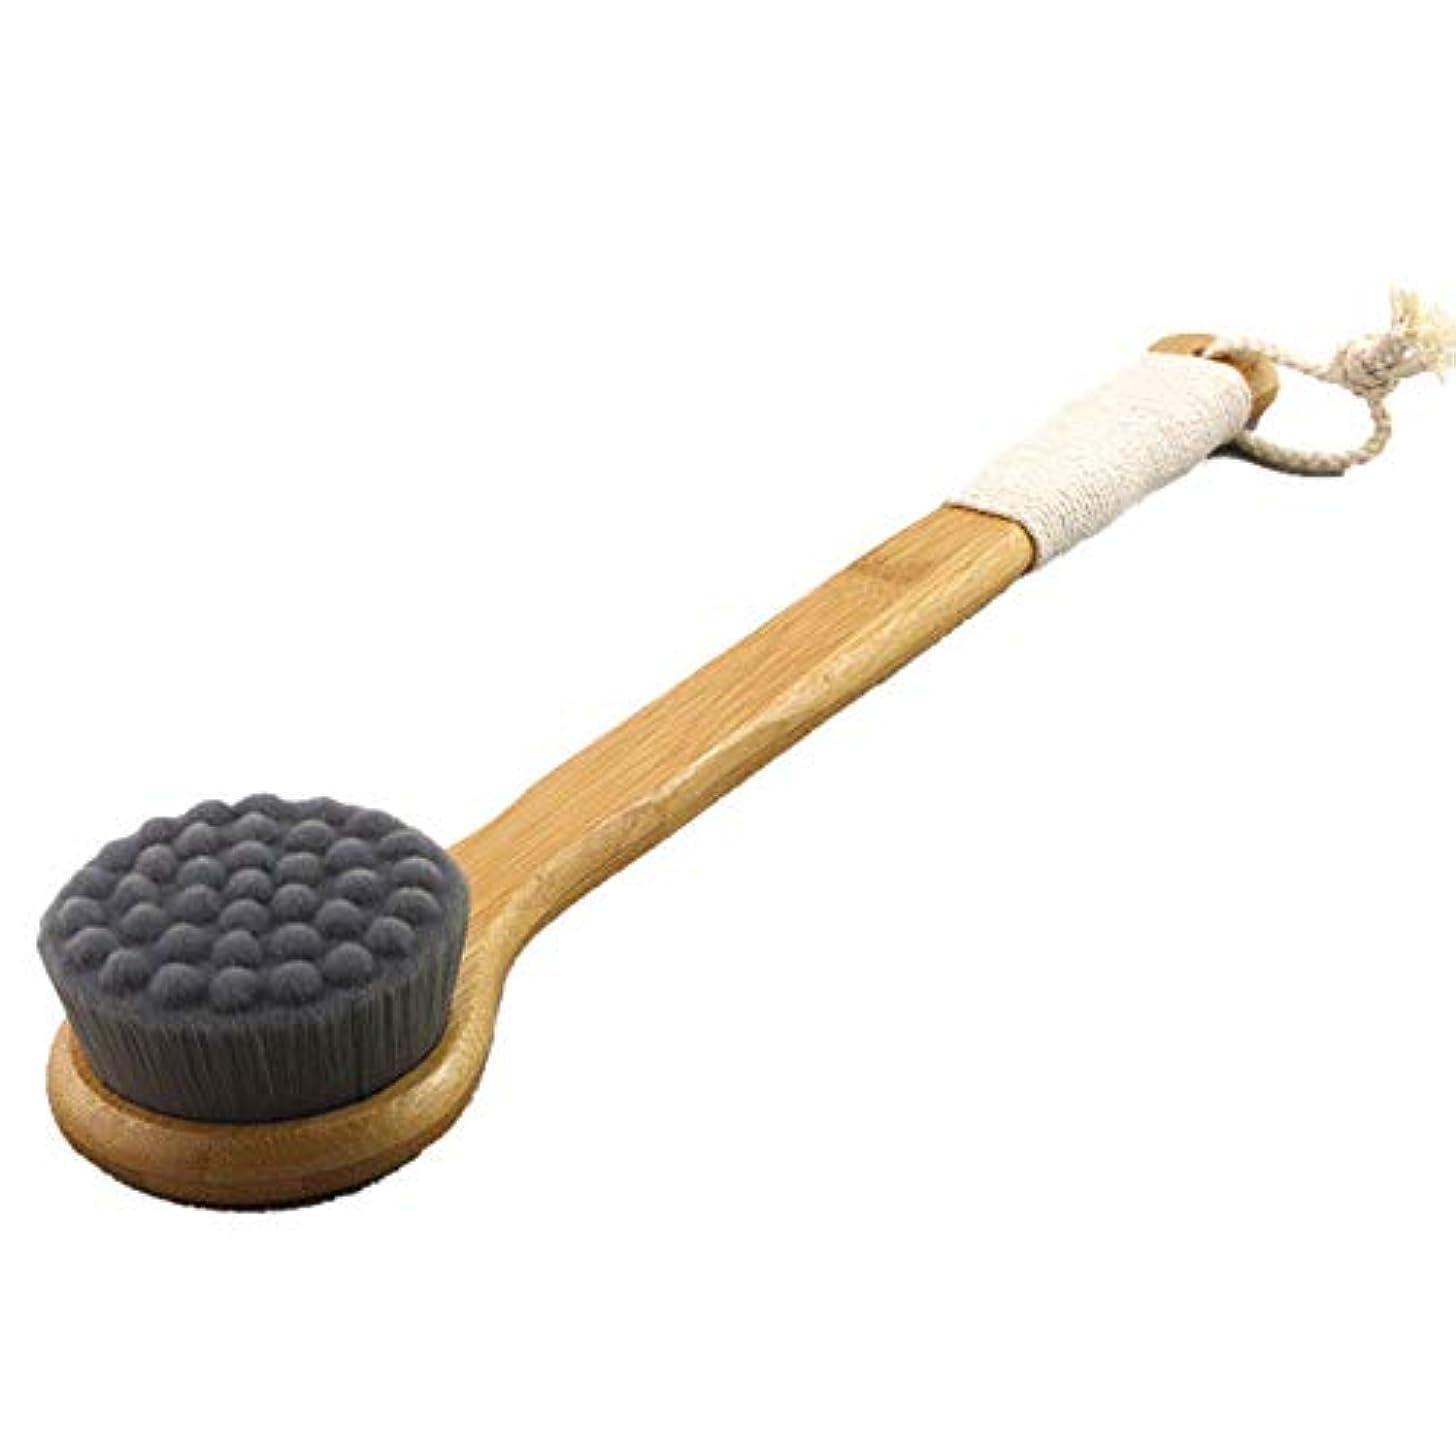 [RADISSY] ボディブラシ 竹製 ロング マイクロファイバー 超極細毛 毛穴 汚れ すっきり (ブラック)